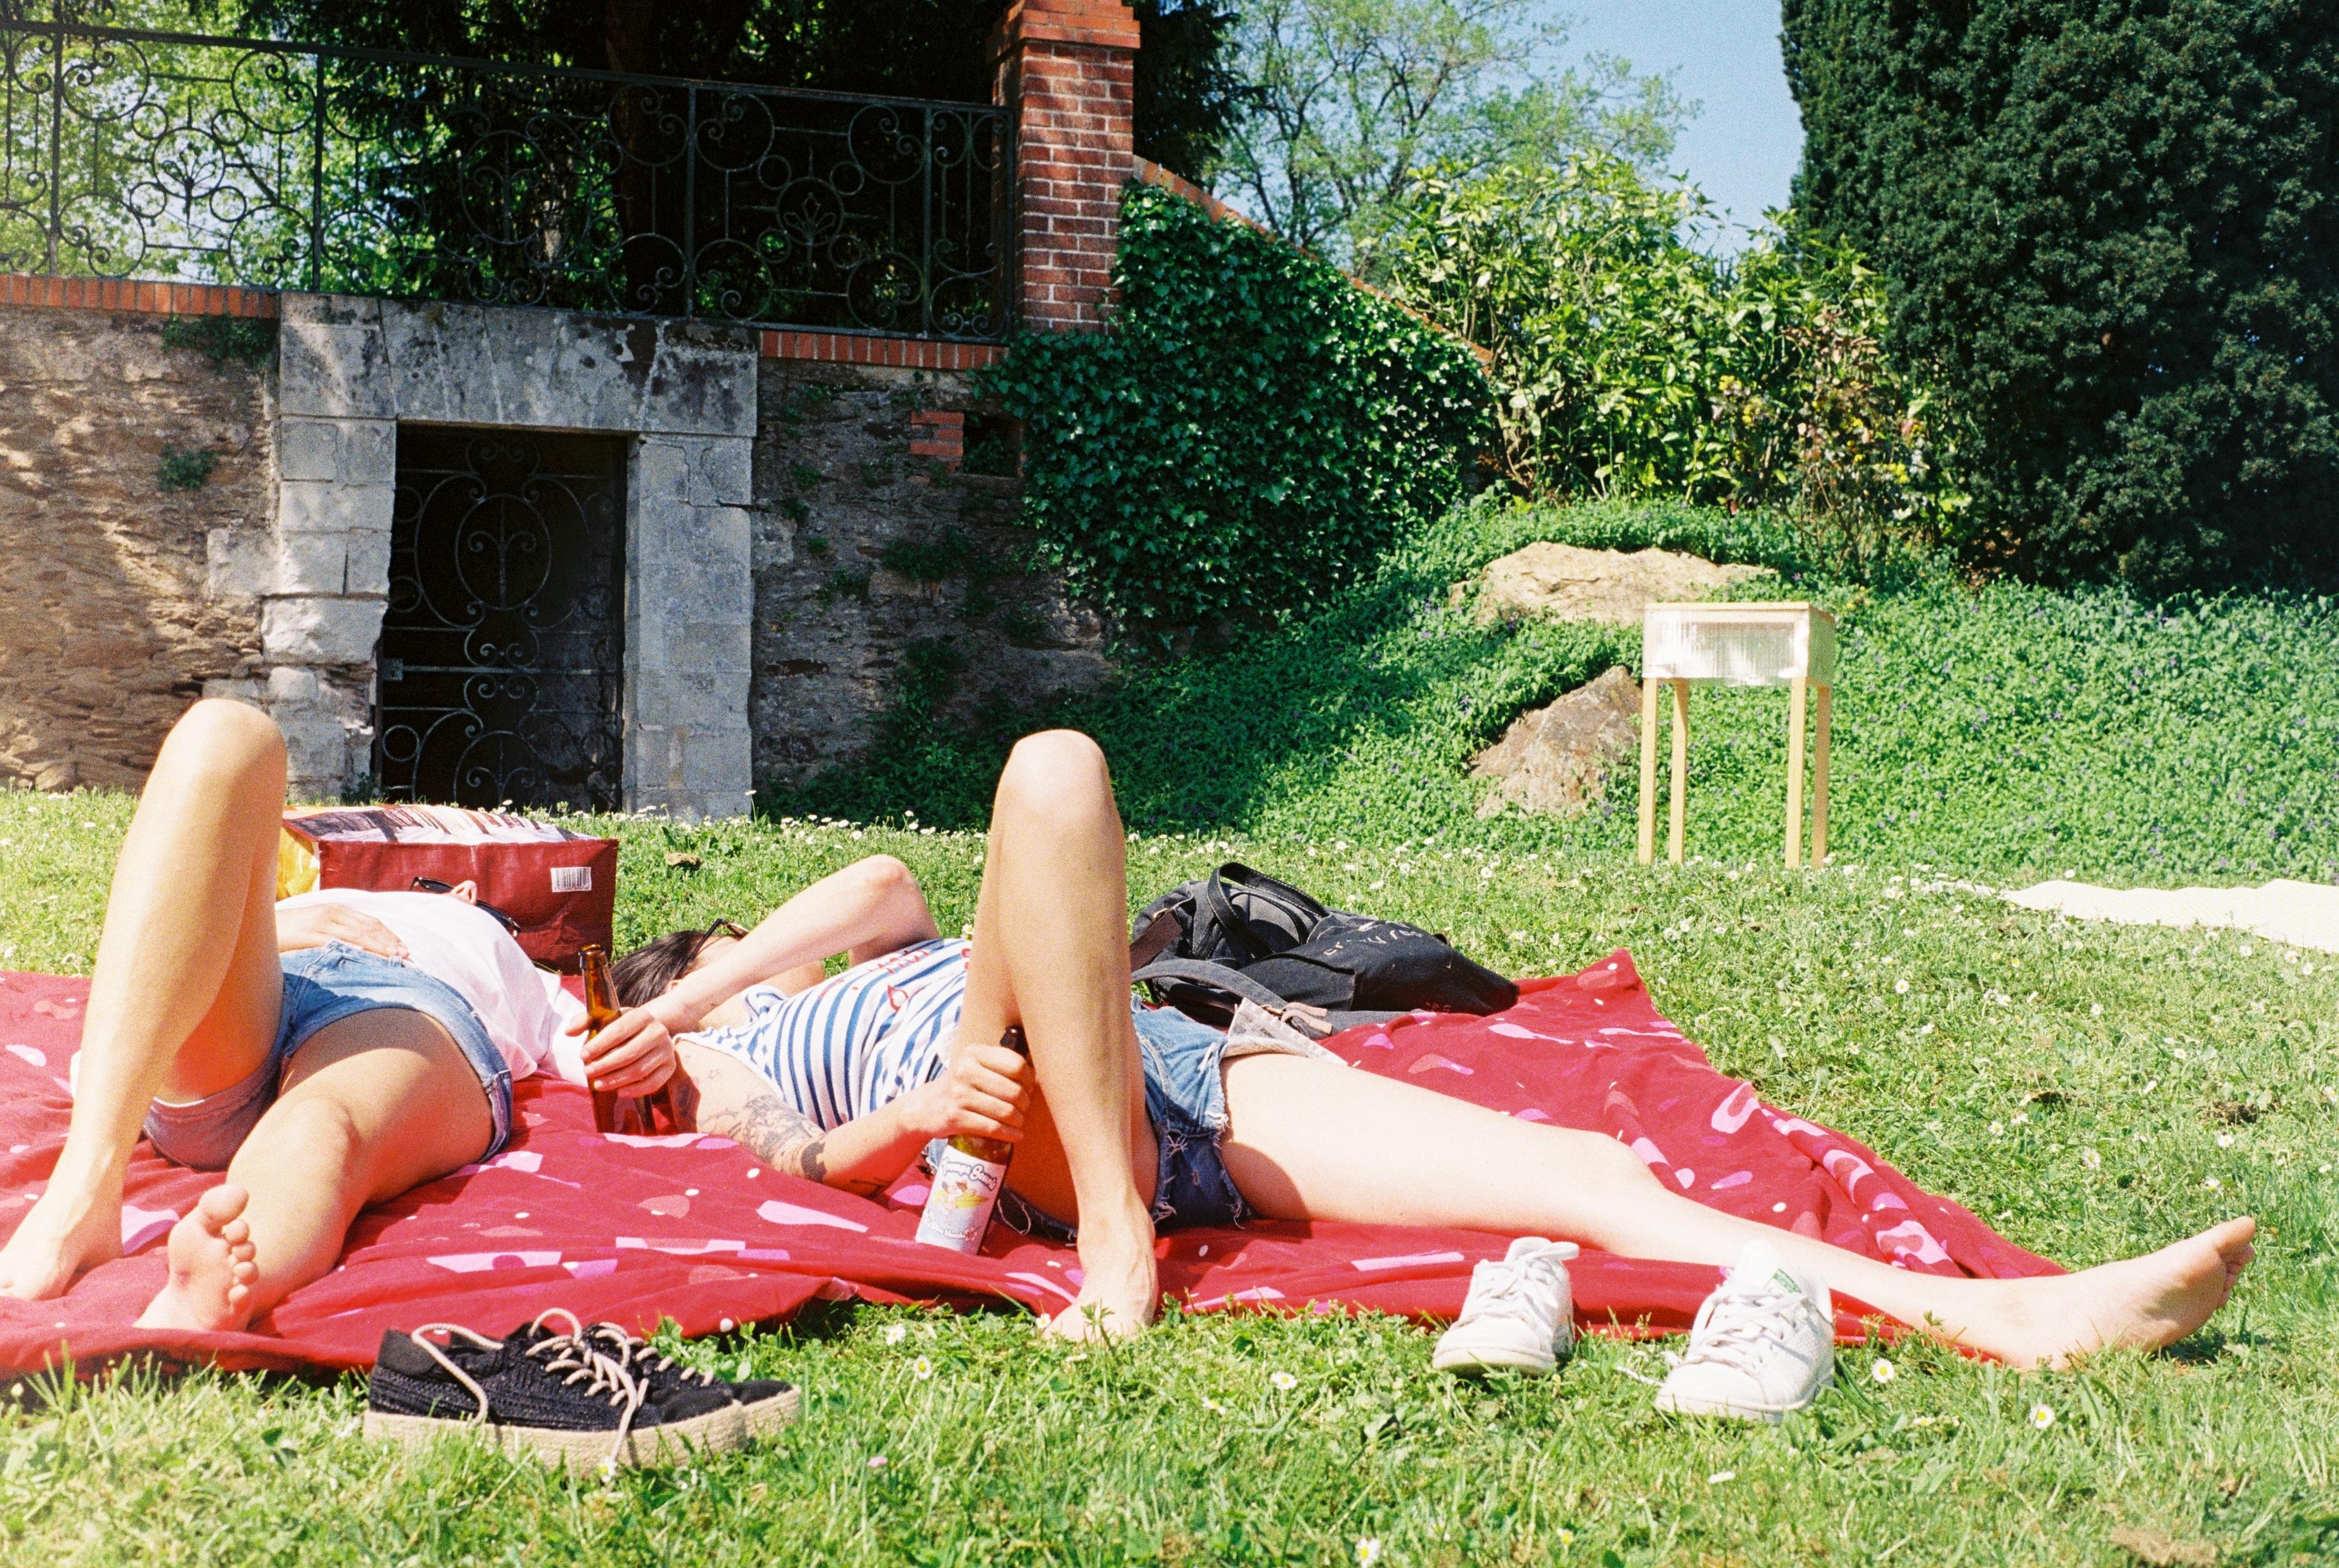 _On a l'impression d'être dans notre jardin_